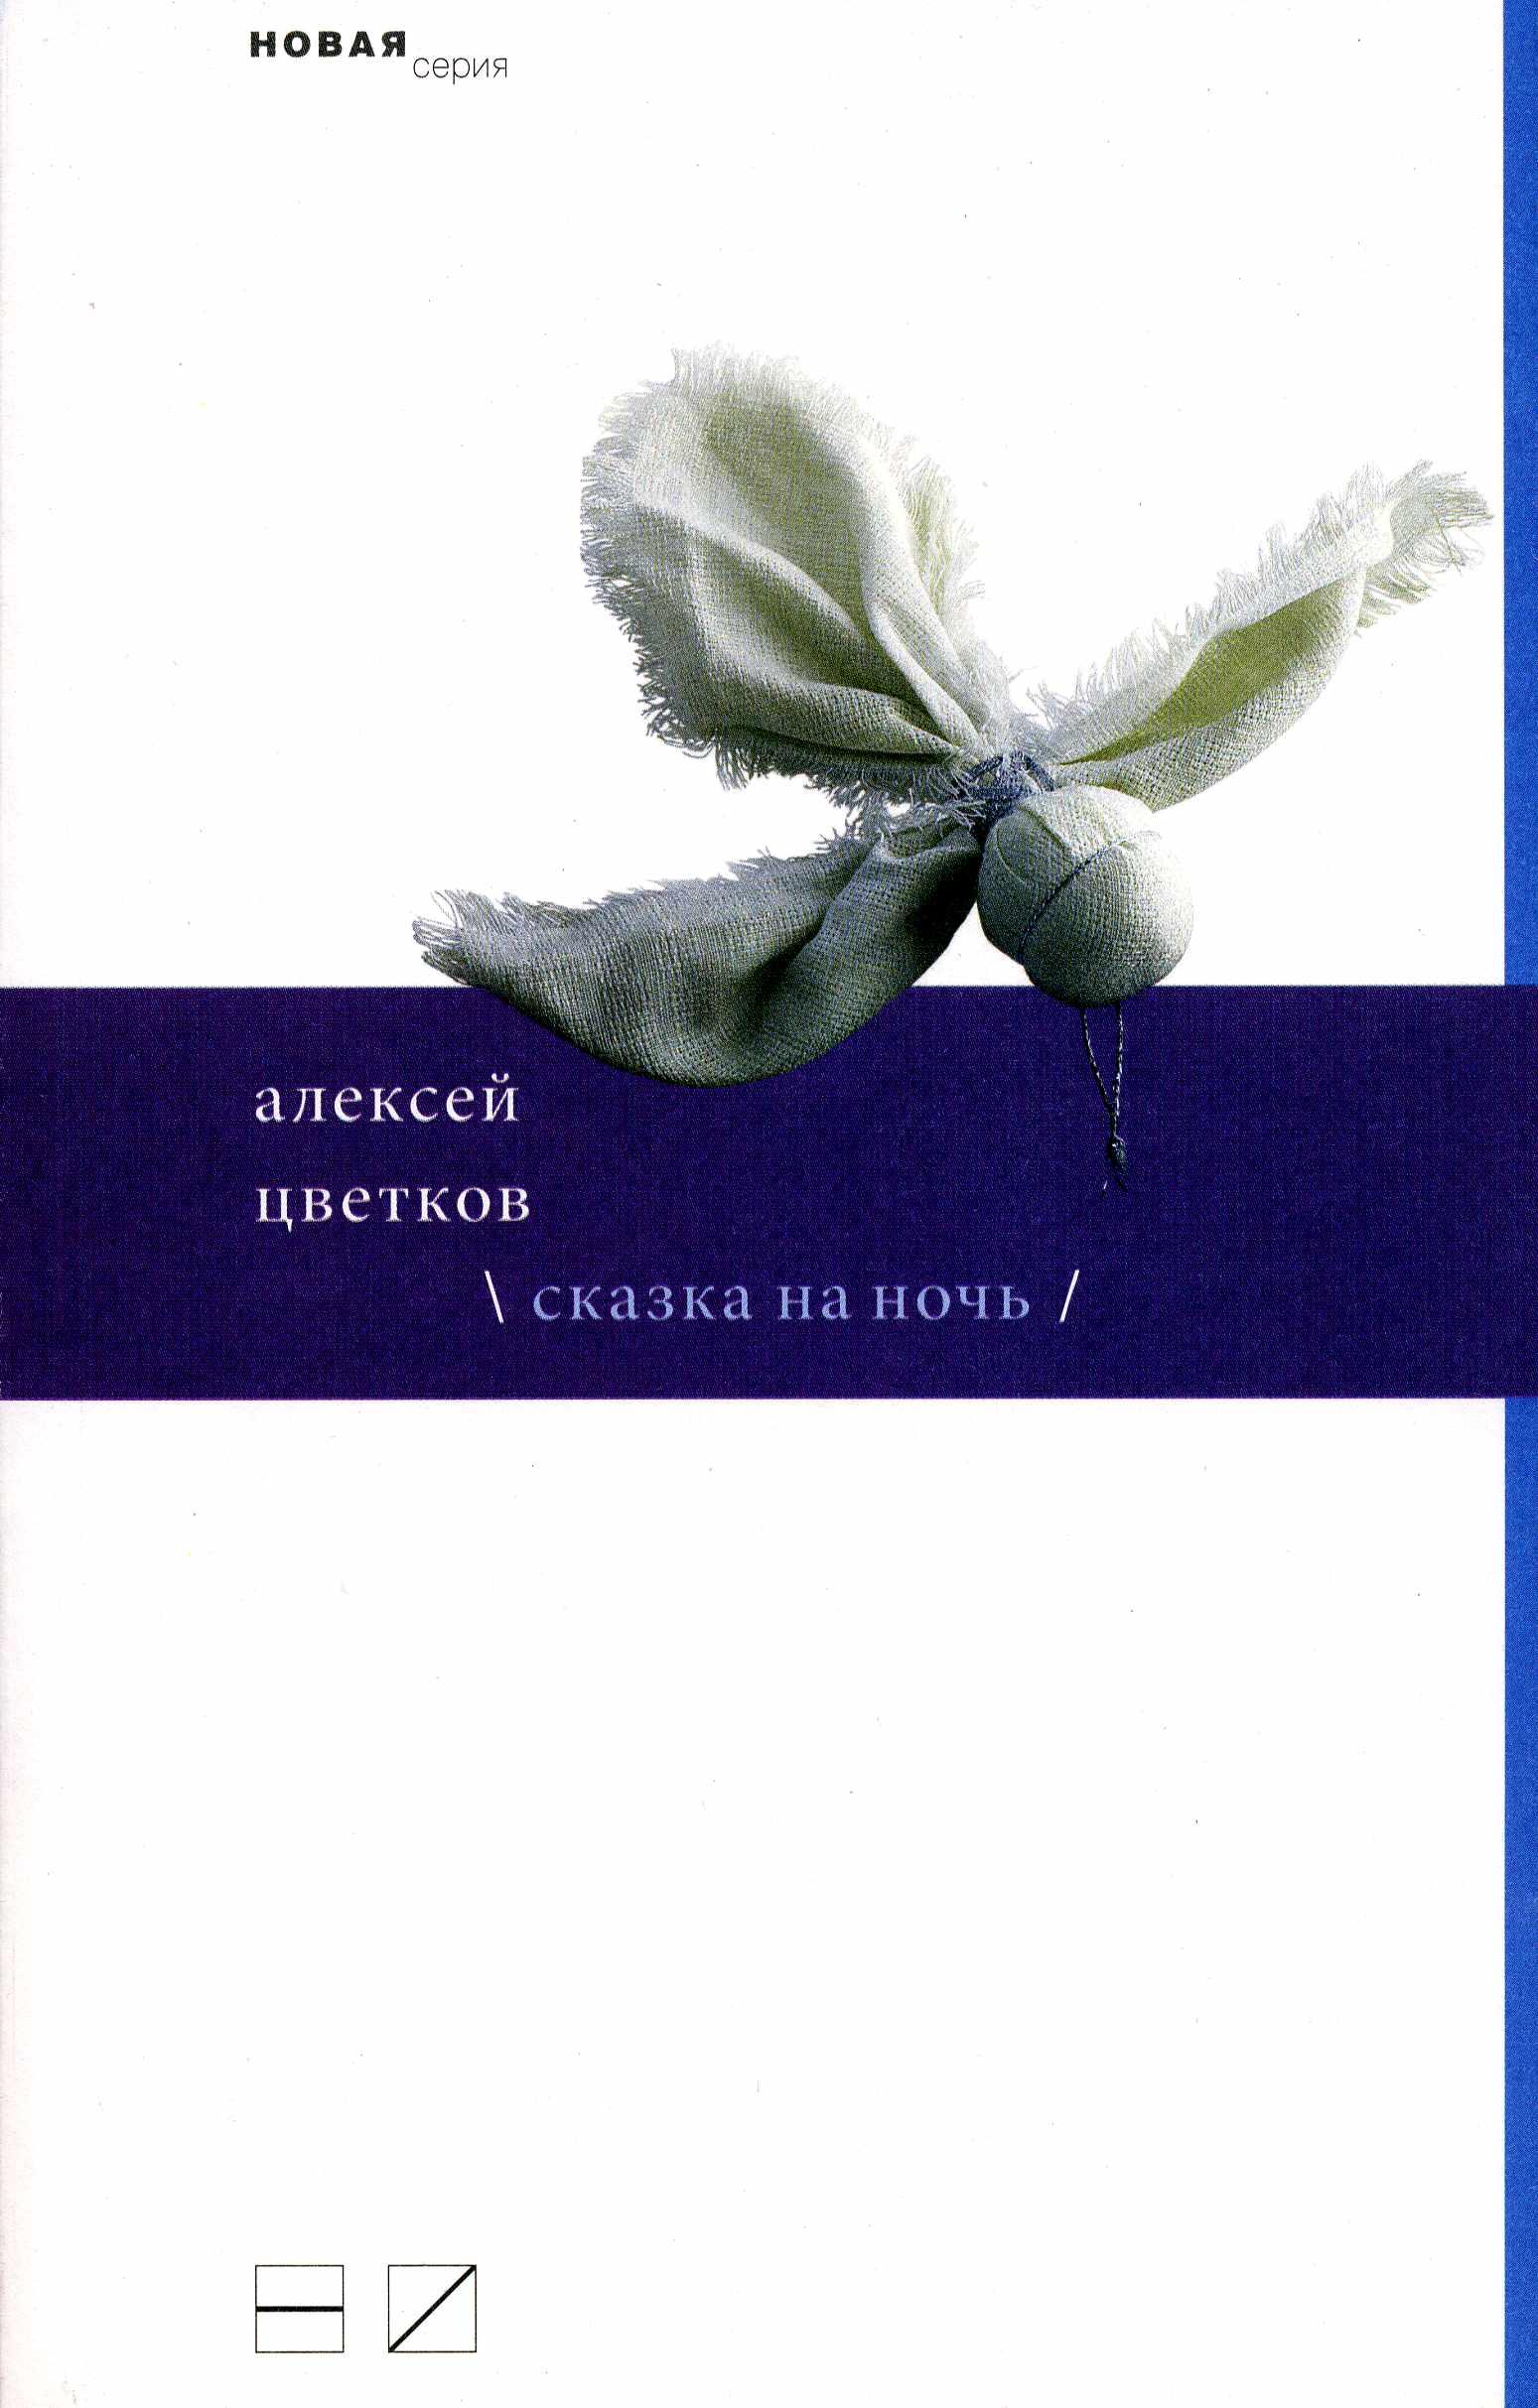 Алексей Цветков Сказка на ночь (сборник) александра созонова сказка на ночь